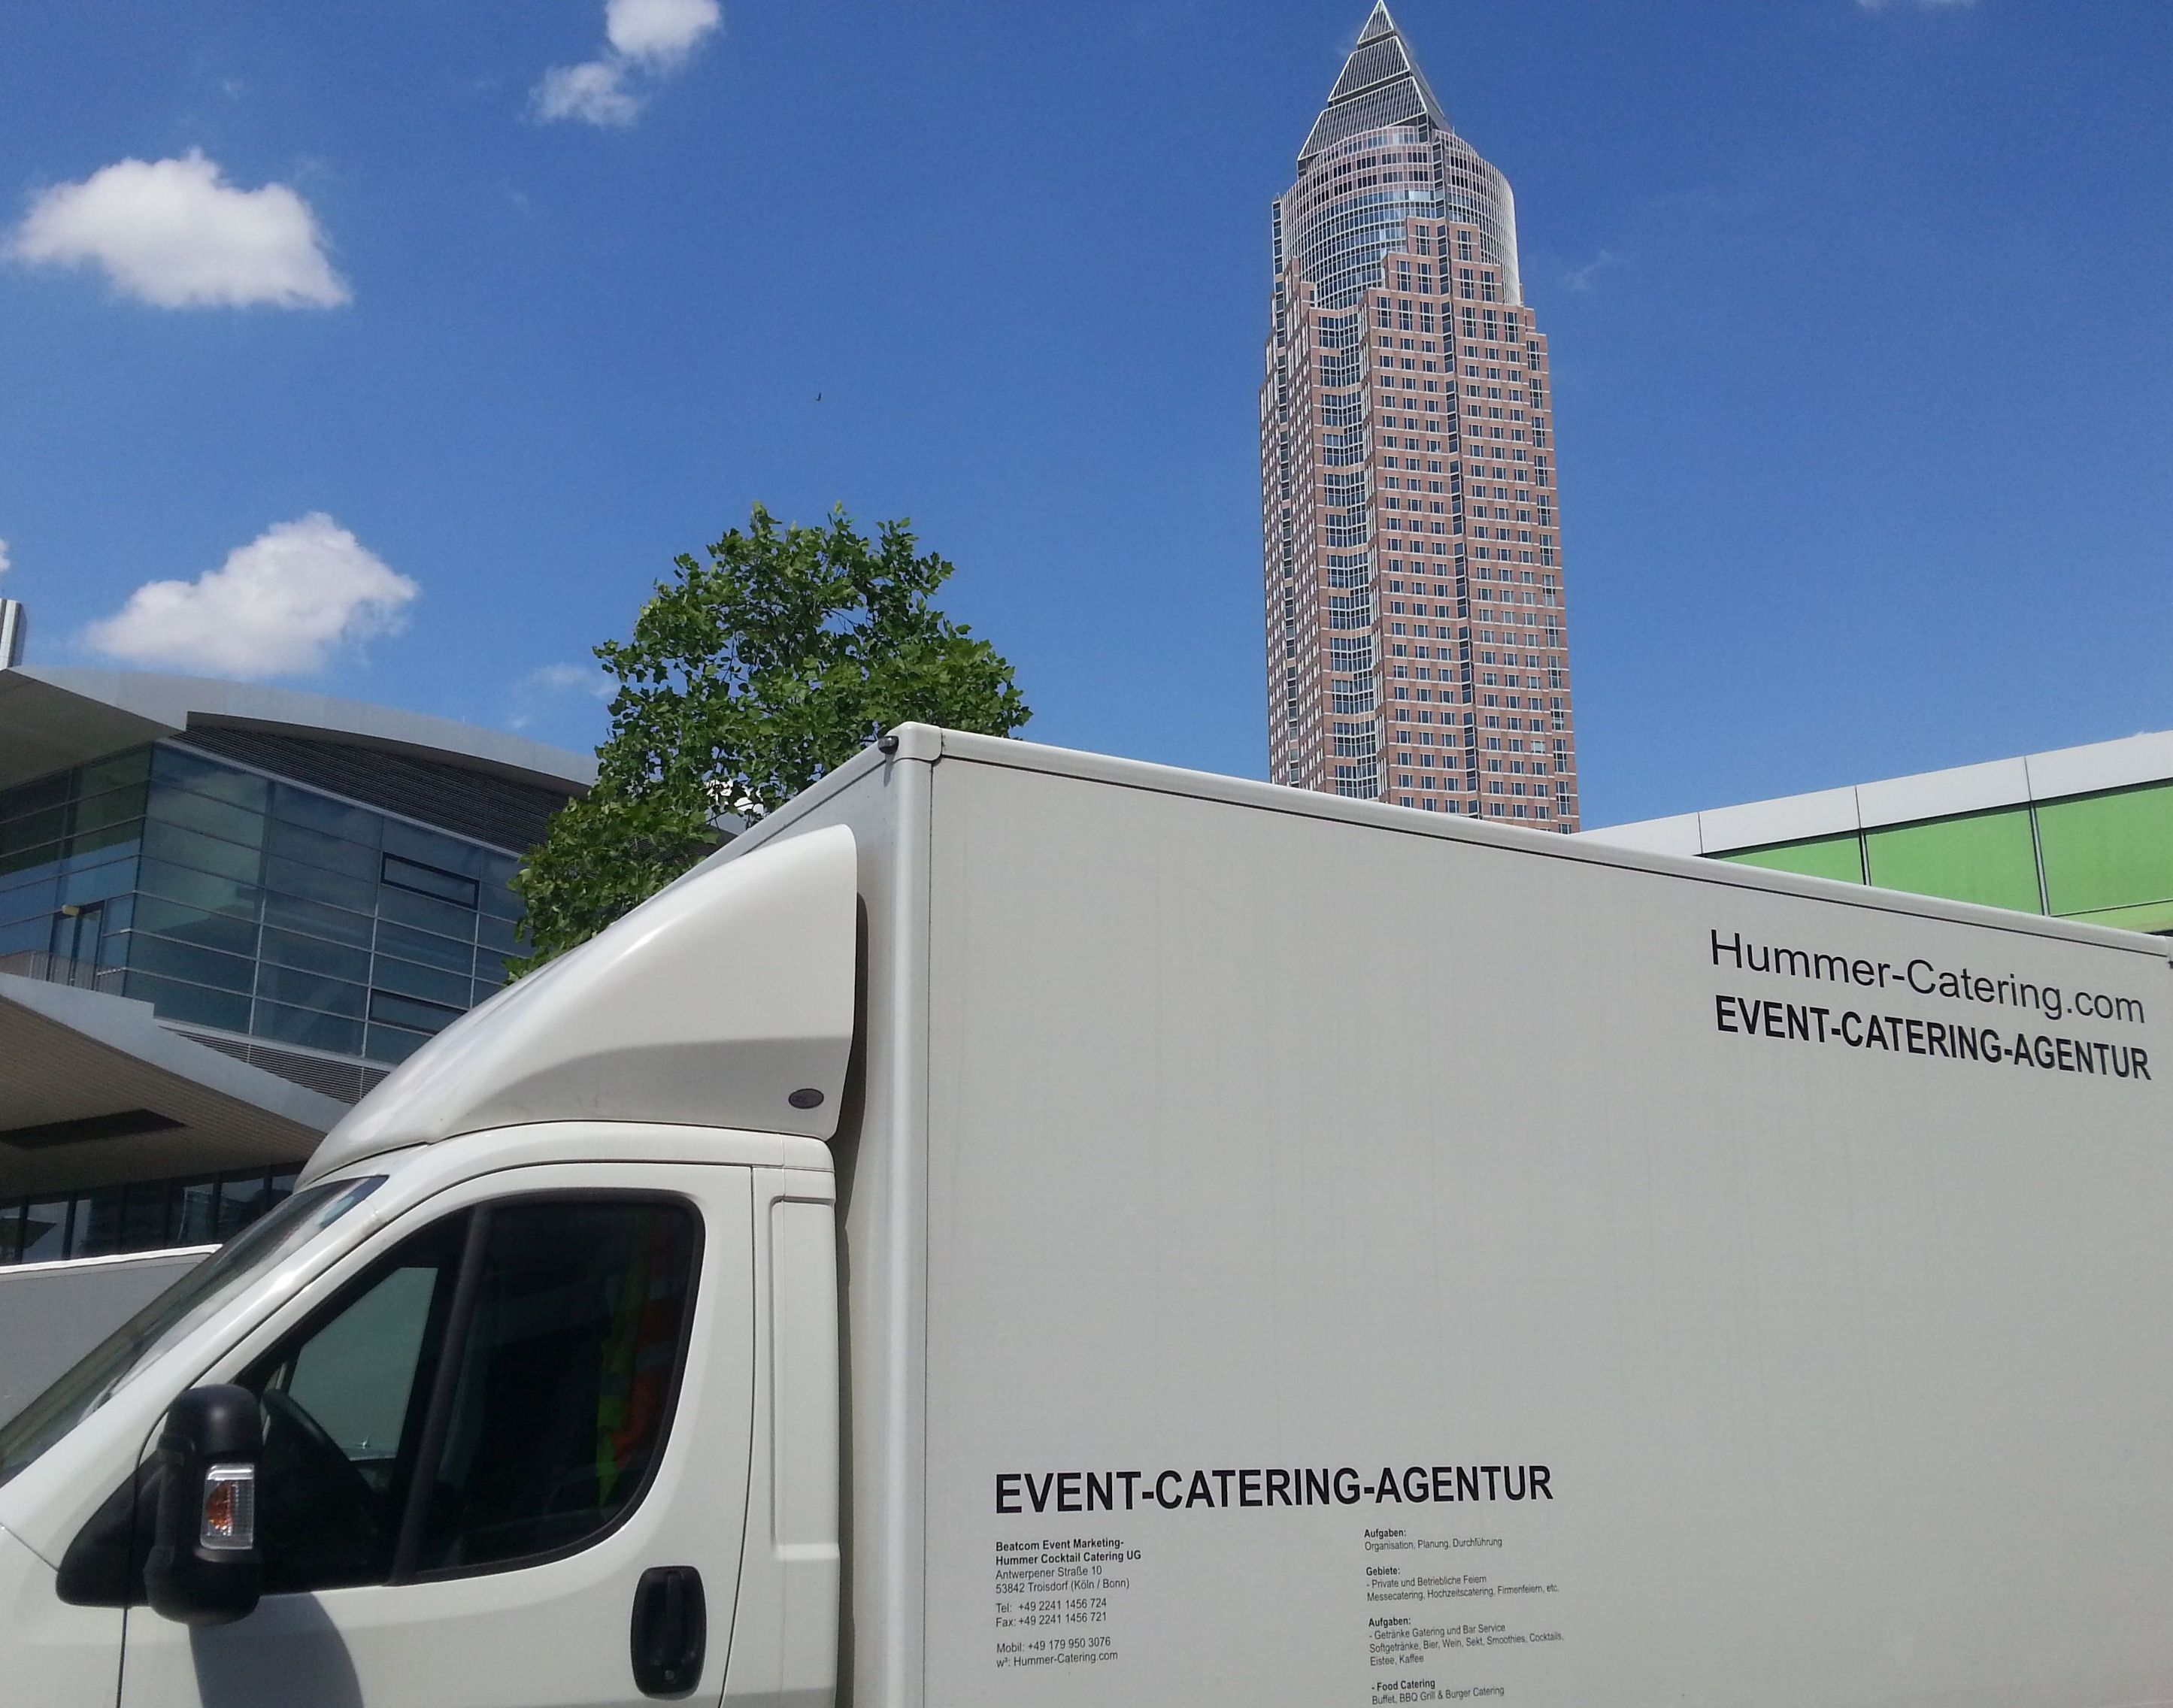 IMEX Messe Frankfurt Stand und Crew Catering Service Nach der ...